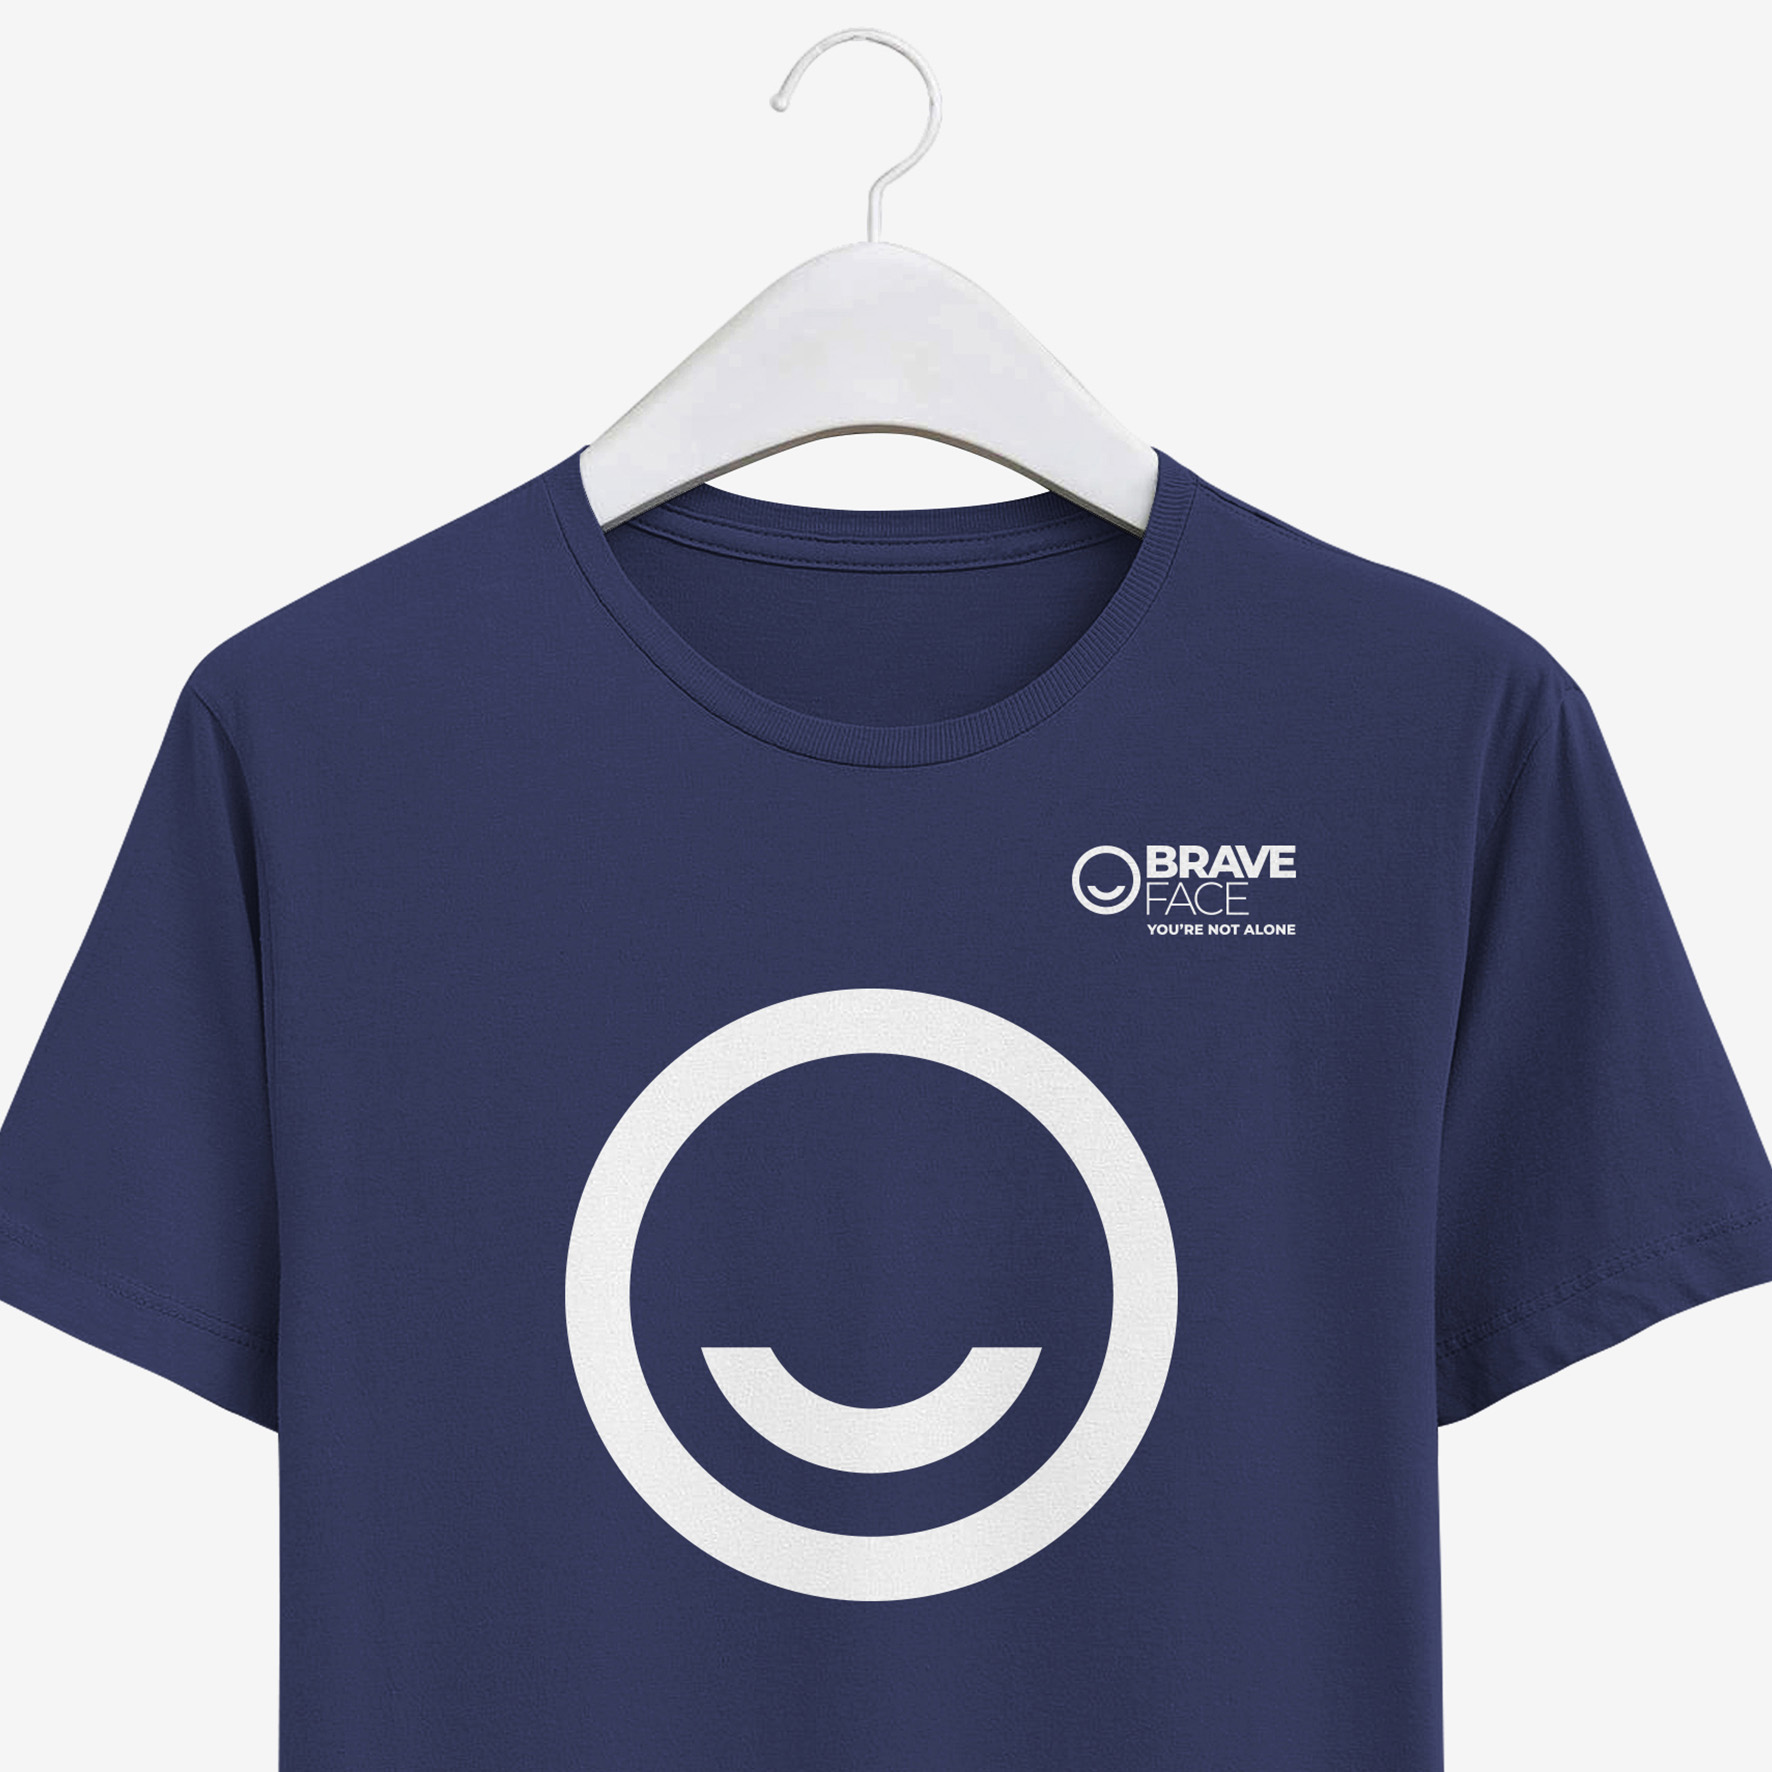 braveface branded t-shirt